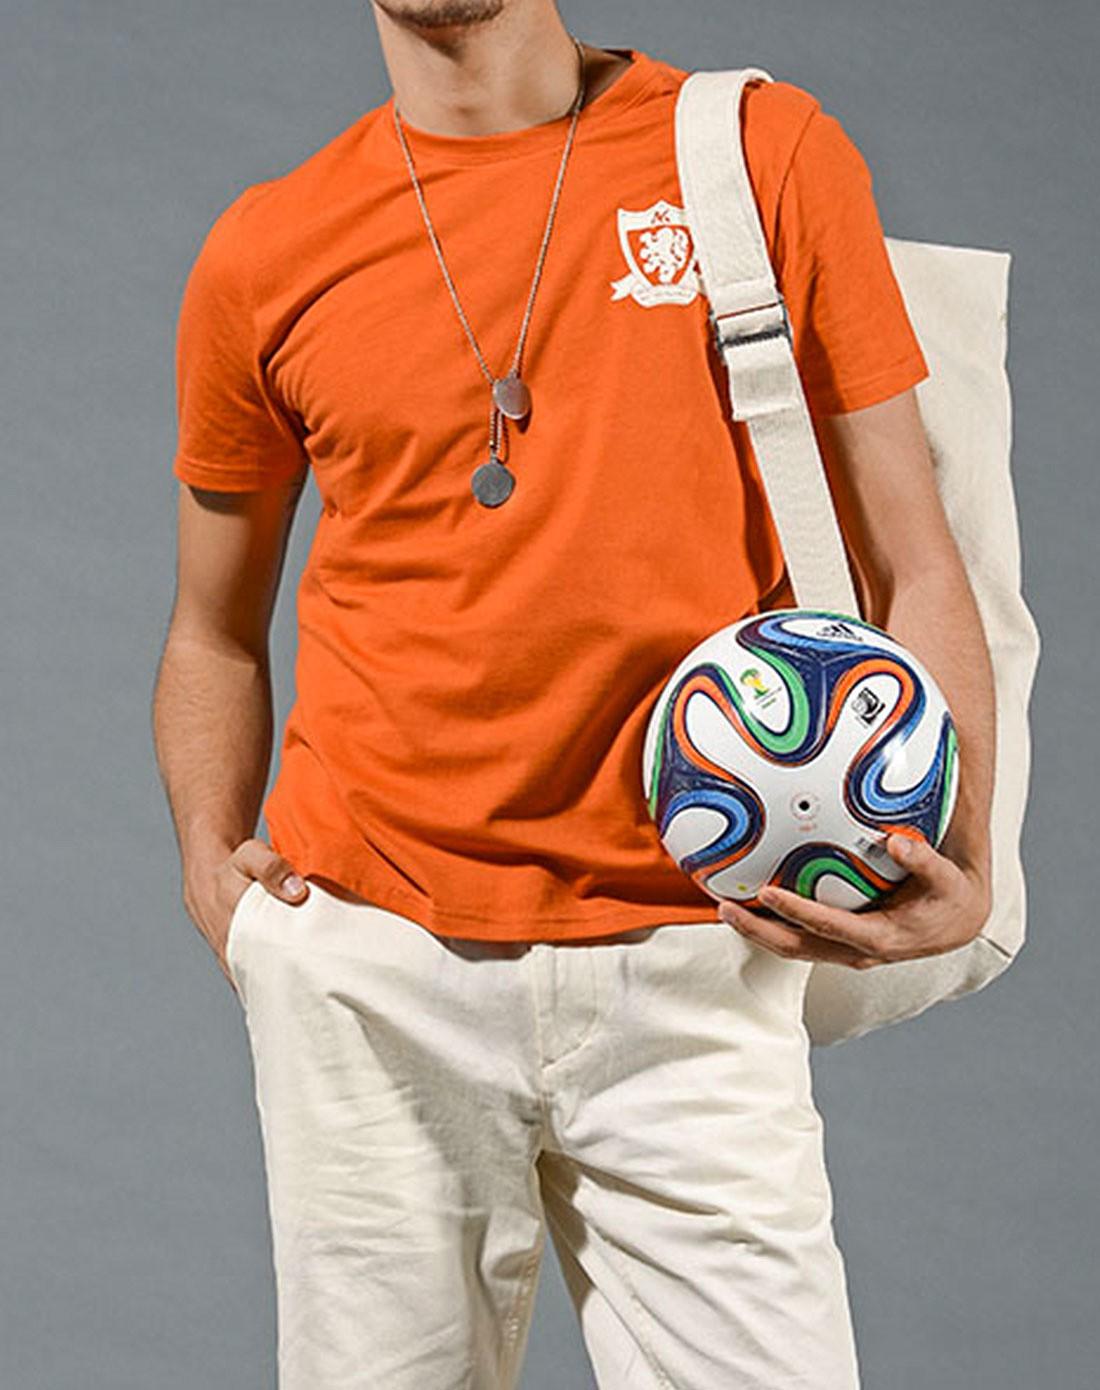 橘色衣服男生头像